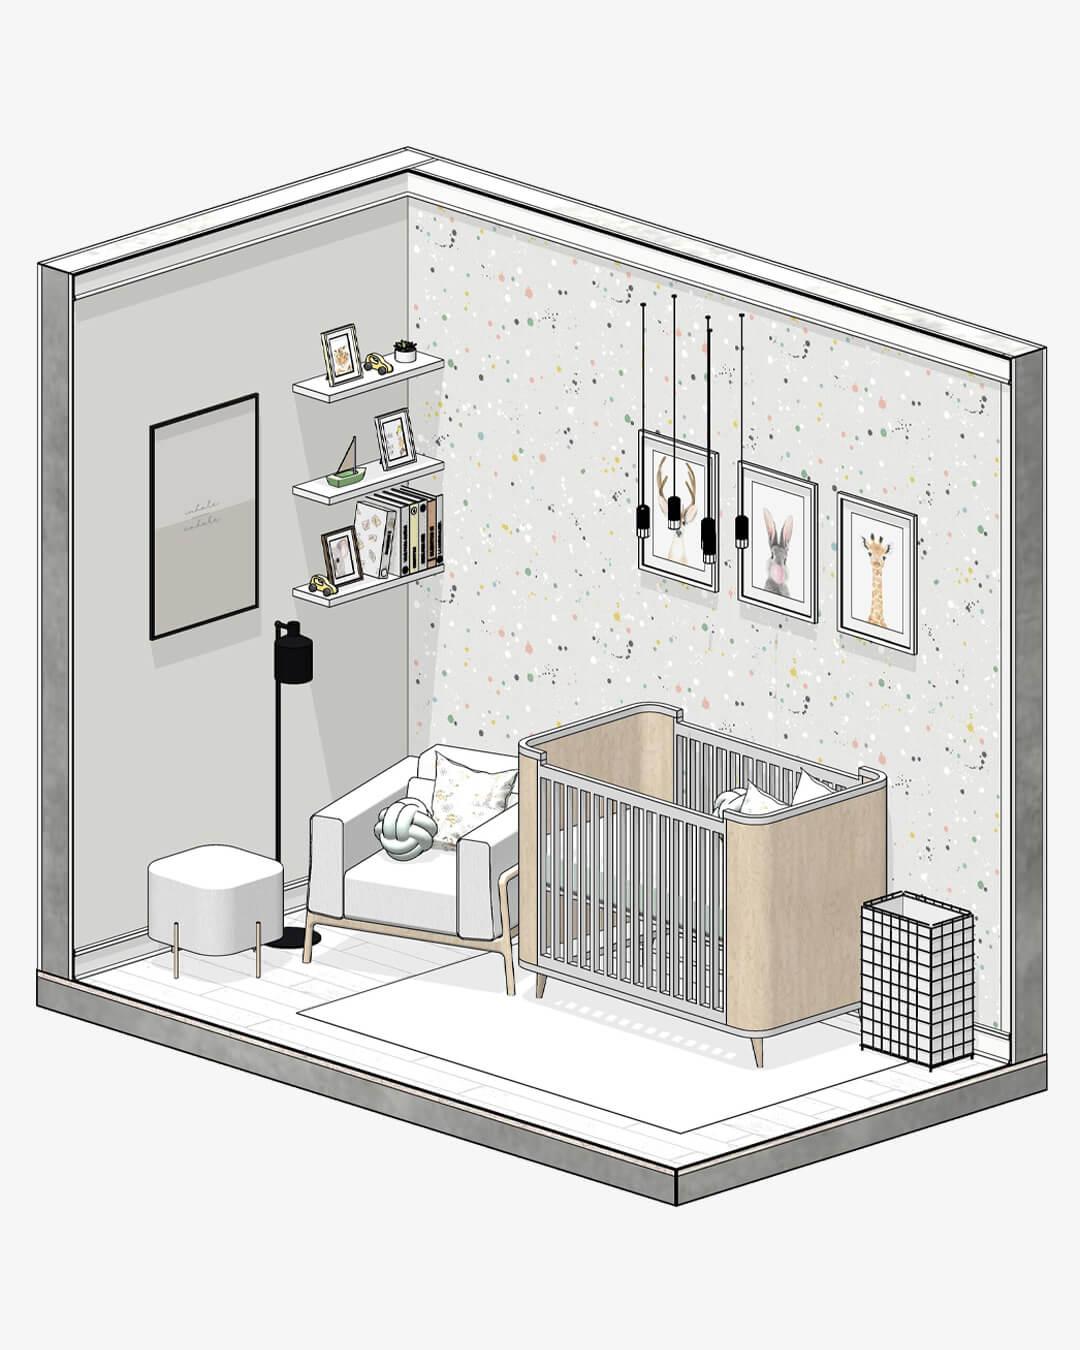 interior design revit families near me